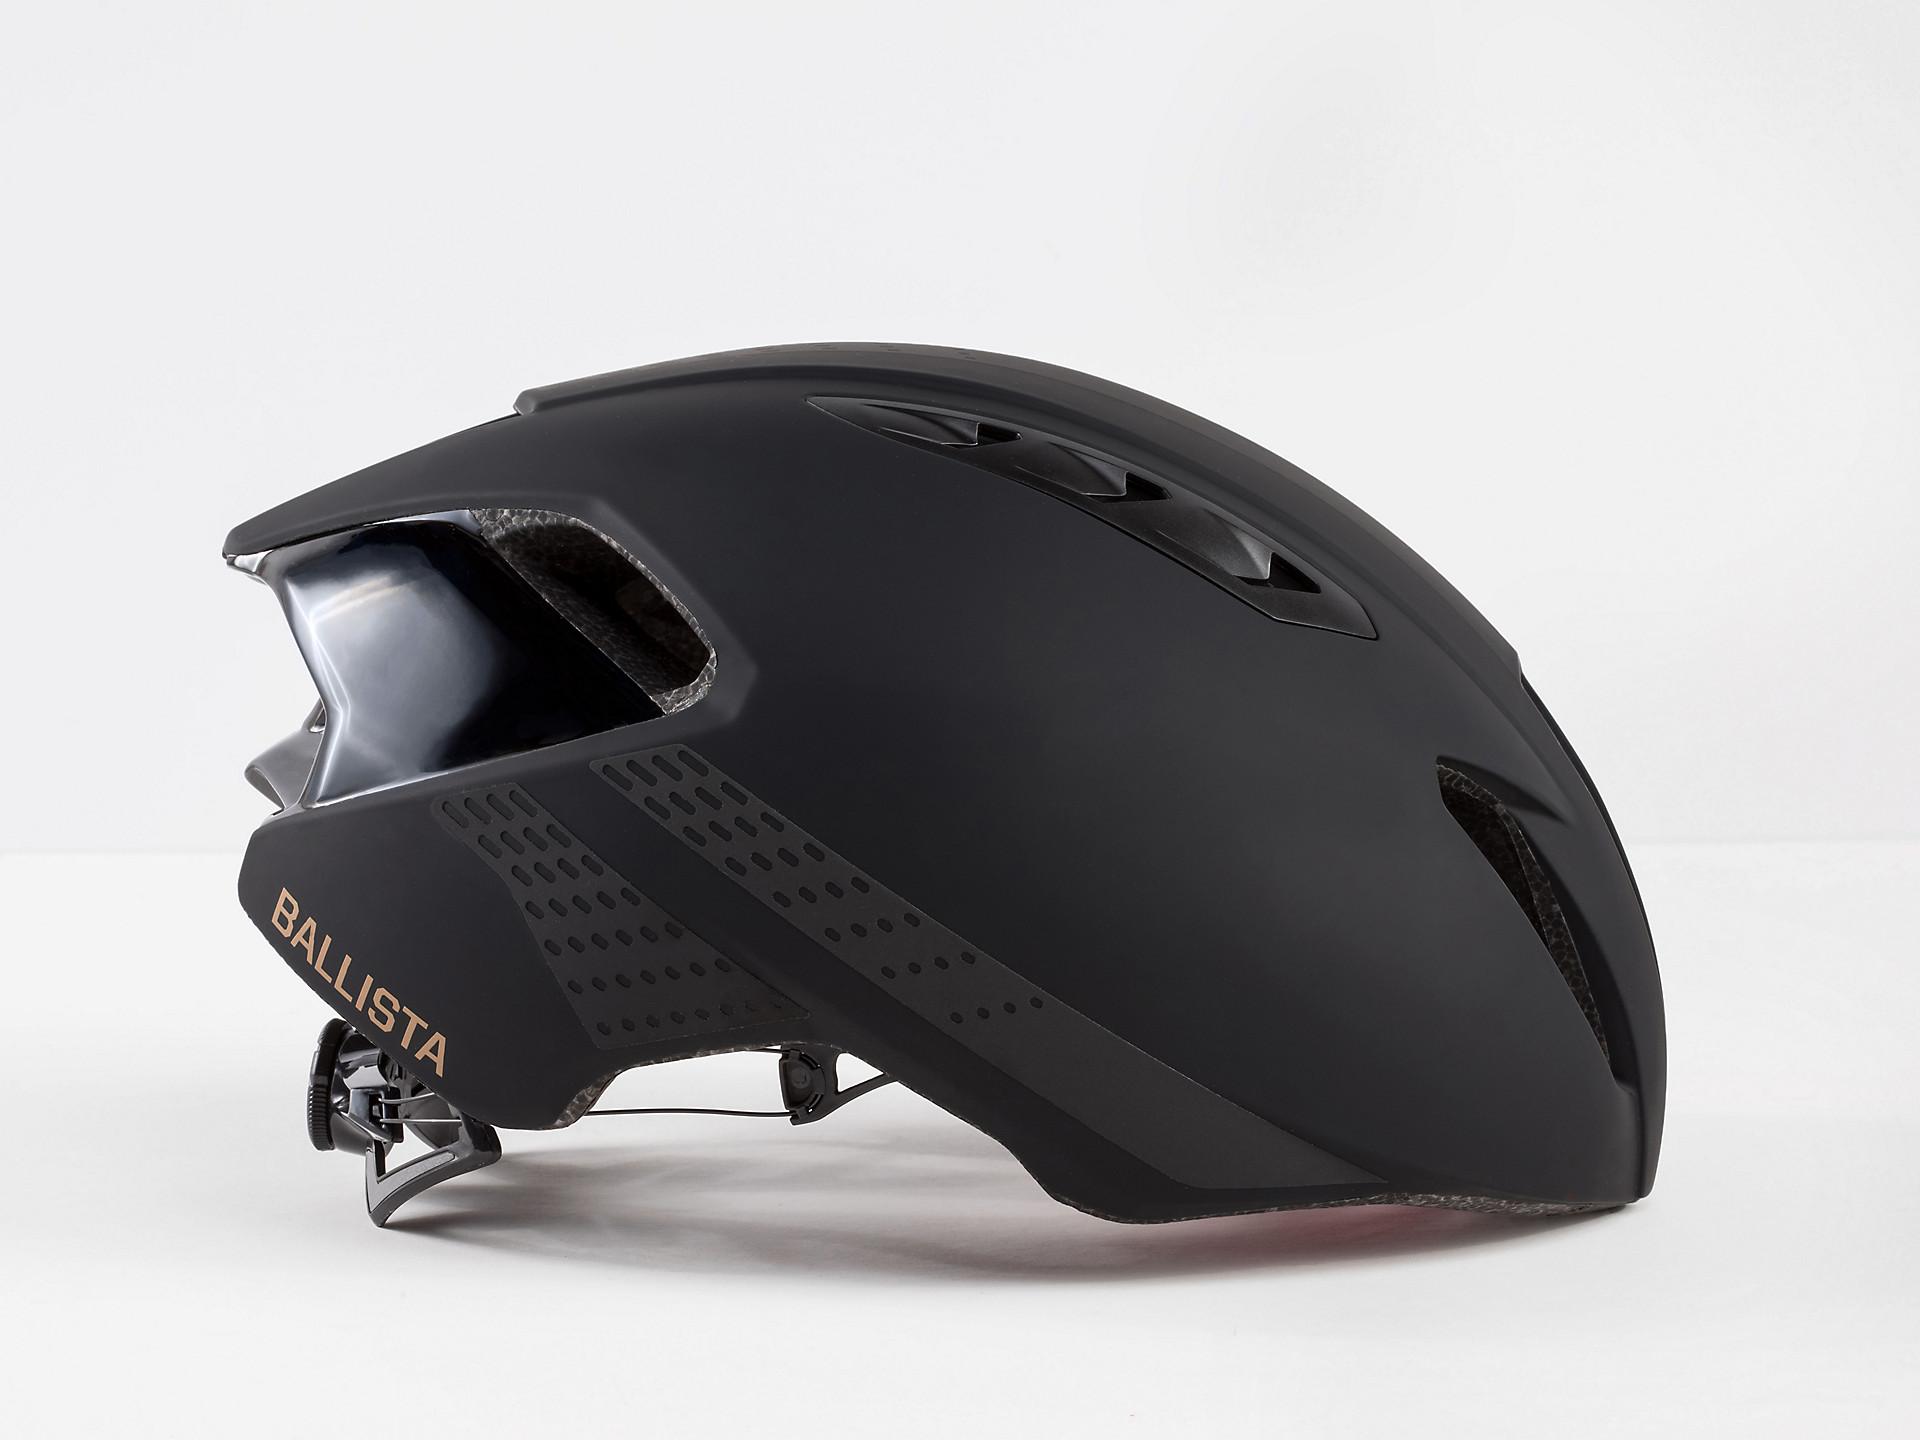 Bontrager Ballista MIPS Road Bike Helmet black